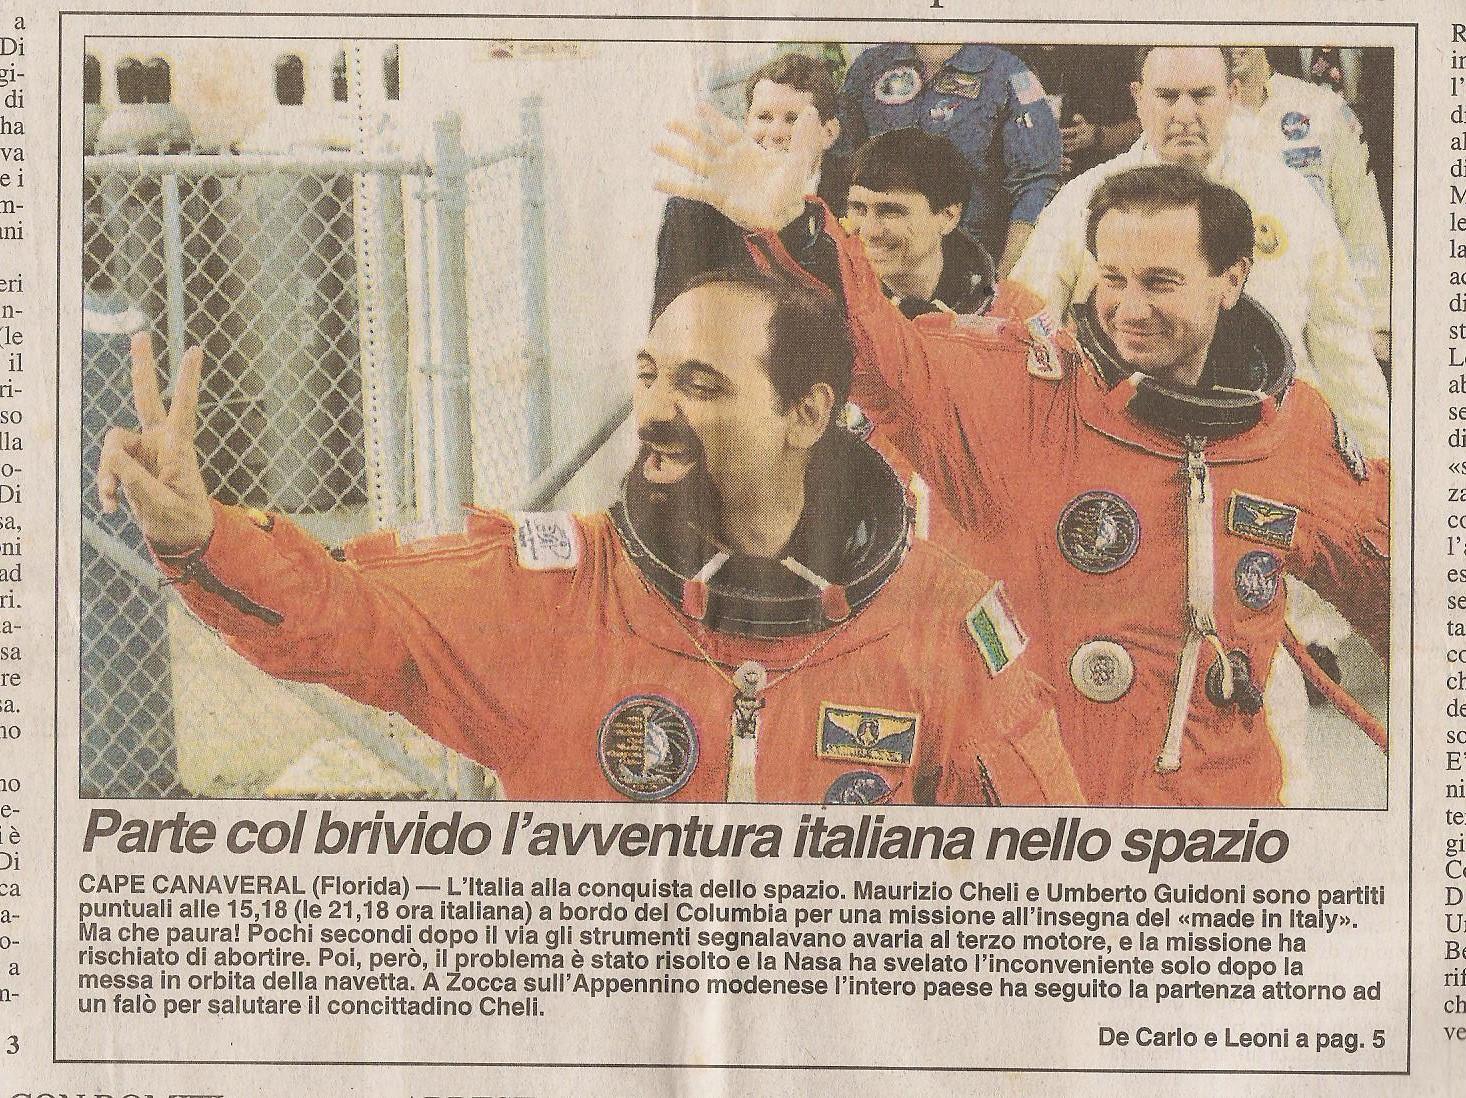 STS 75  6 002.jpg